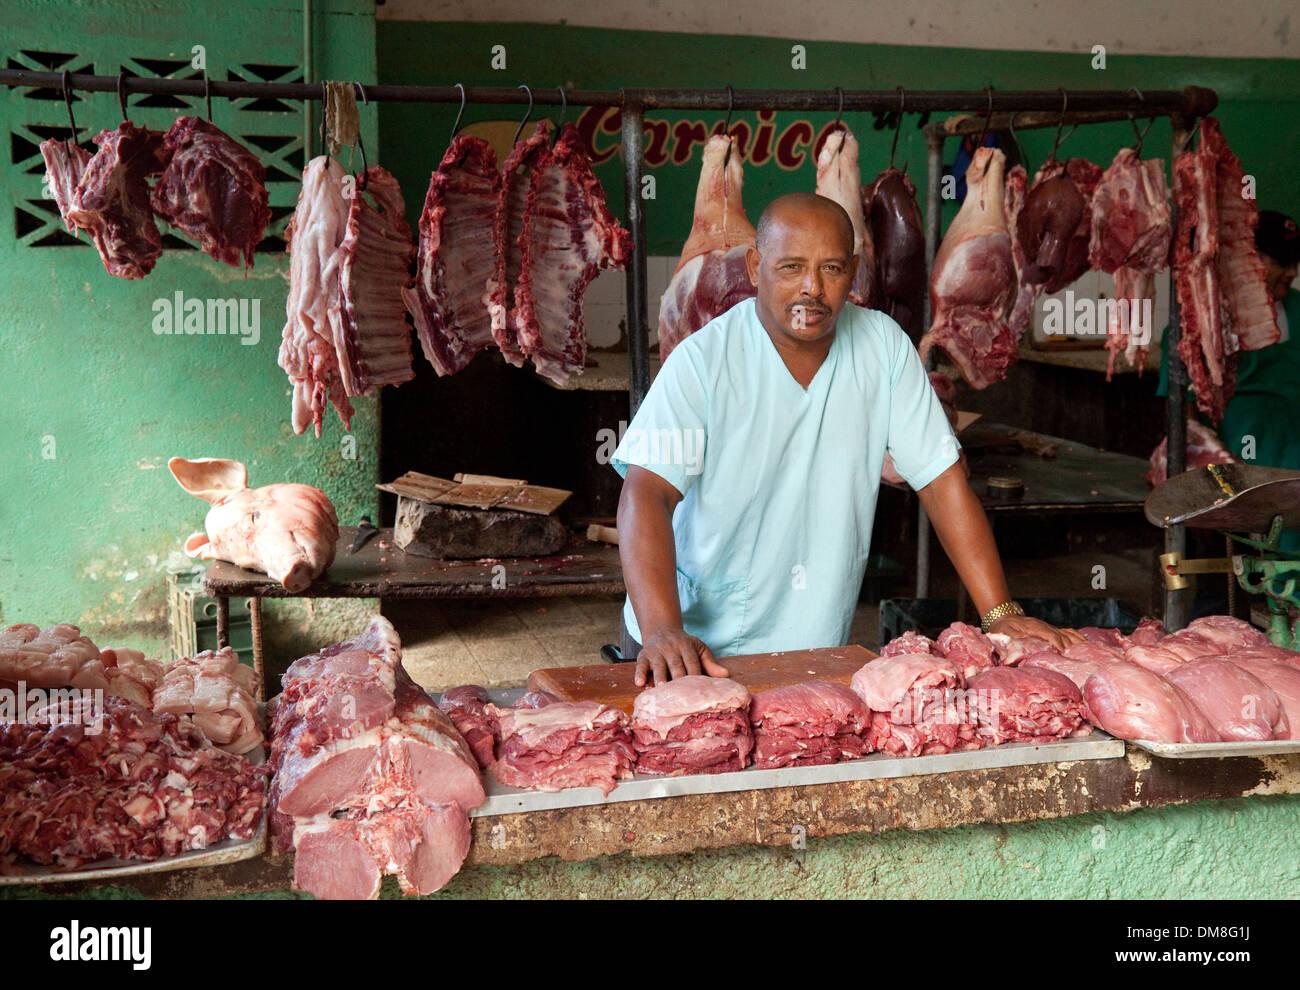 Ein Metzger mit seinem Stall des Fleisches, die Markthalle Cienfuegos, Kuba, Karibik, Lateinamerika Stockbild